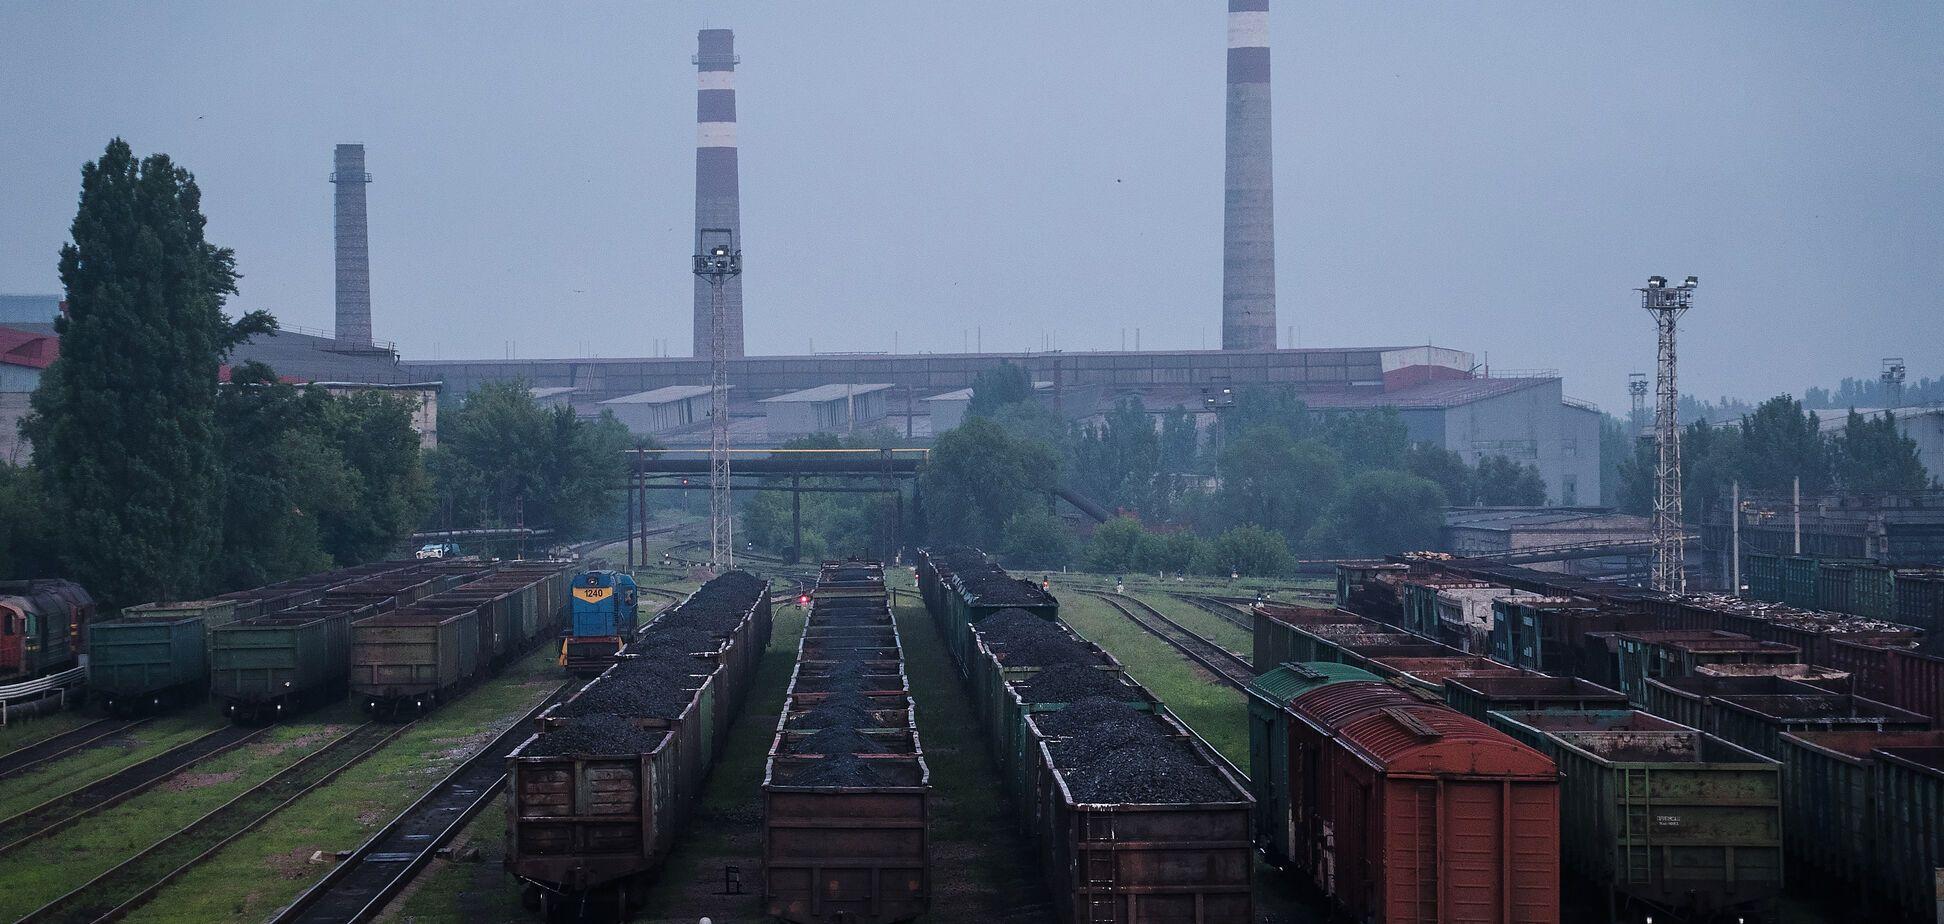 Украине грозят веерные отключения: стало известно о проблемах на старте отопительного сезона